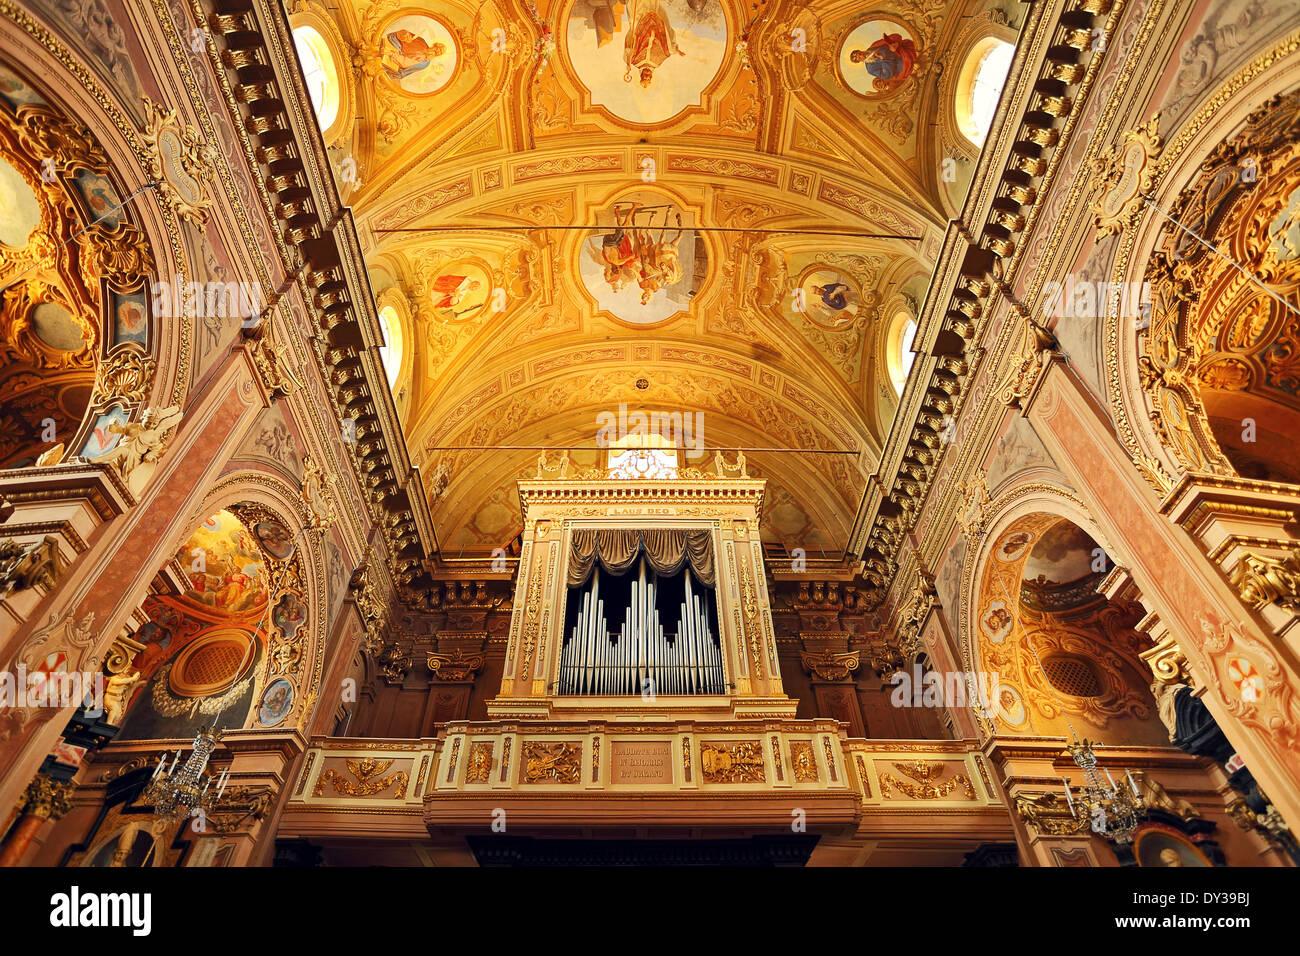 Orgel und Fragment der verzierten Decke als Teil der katholischen Kirche innen in Italien. Stockbild